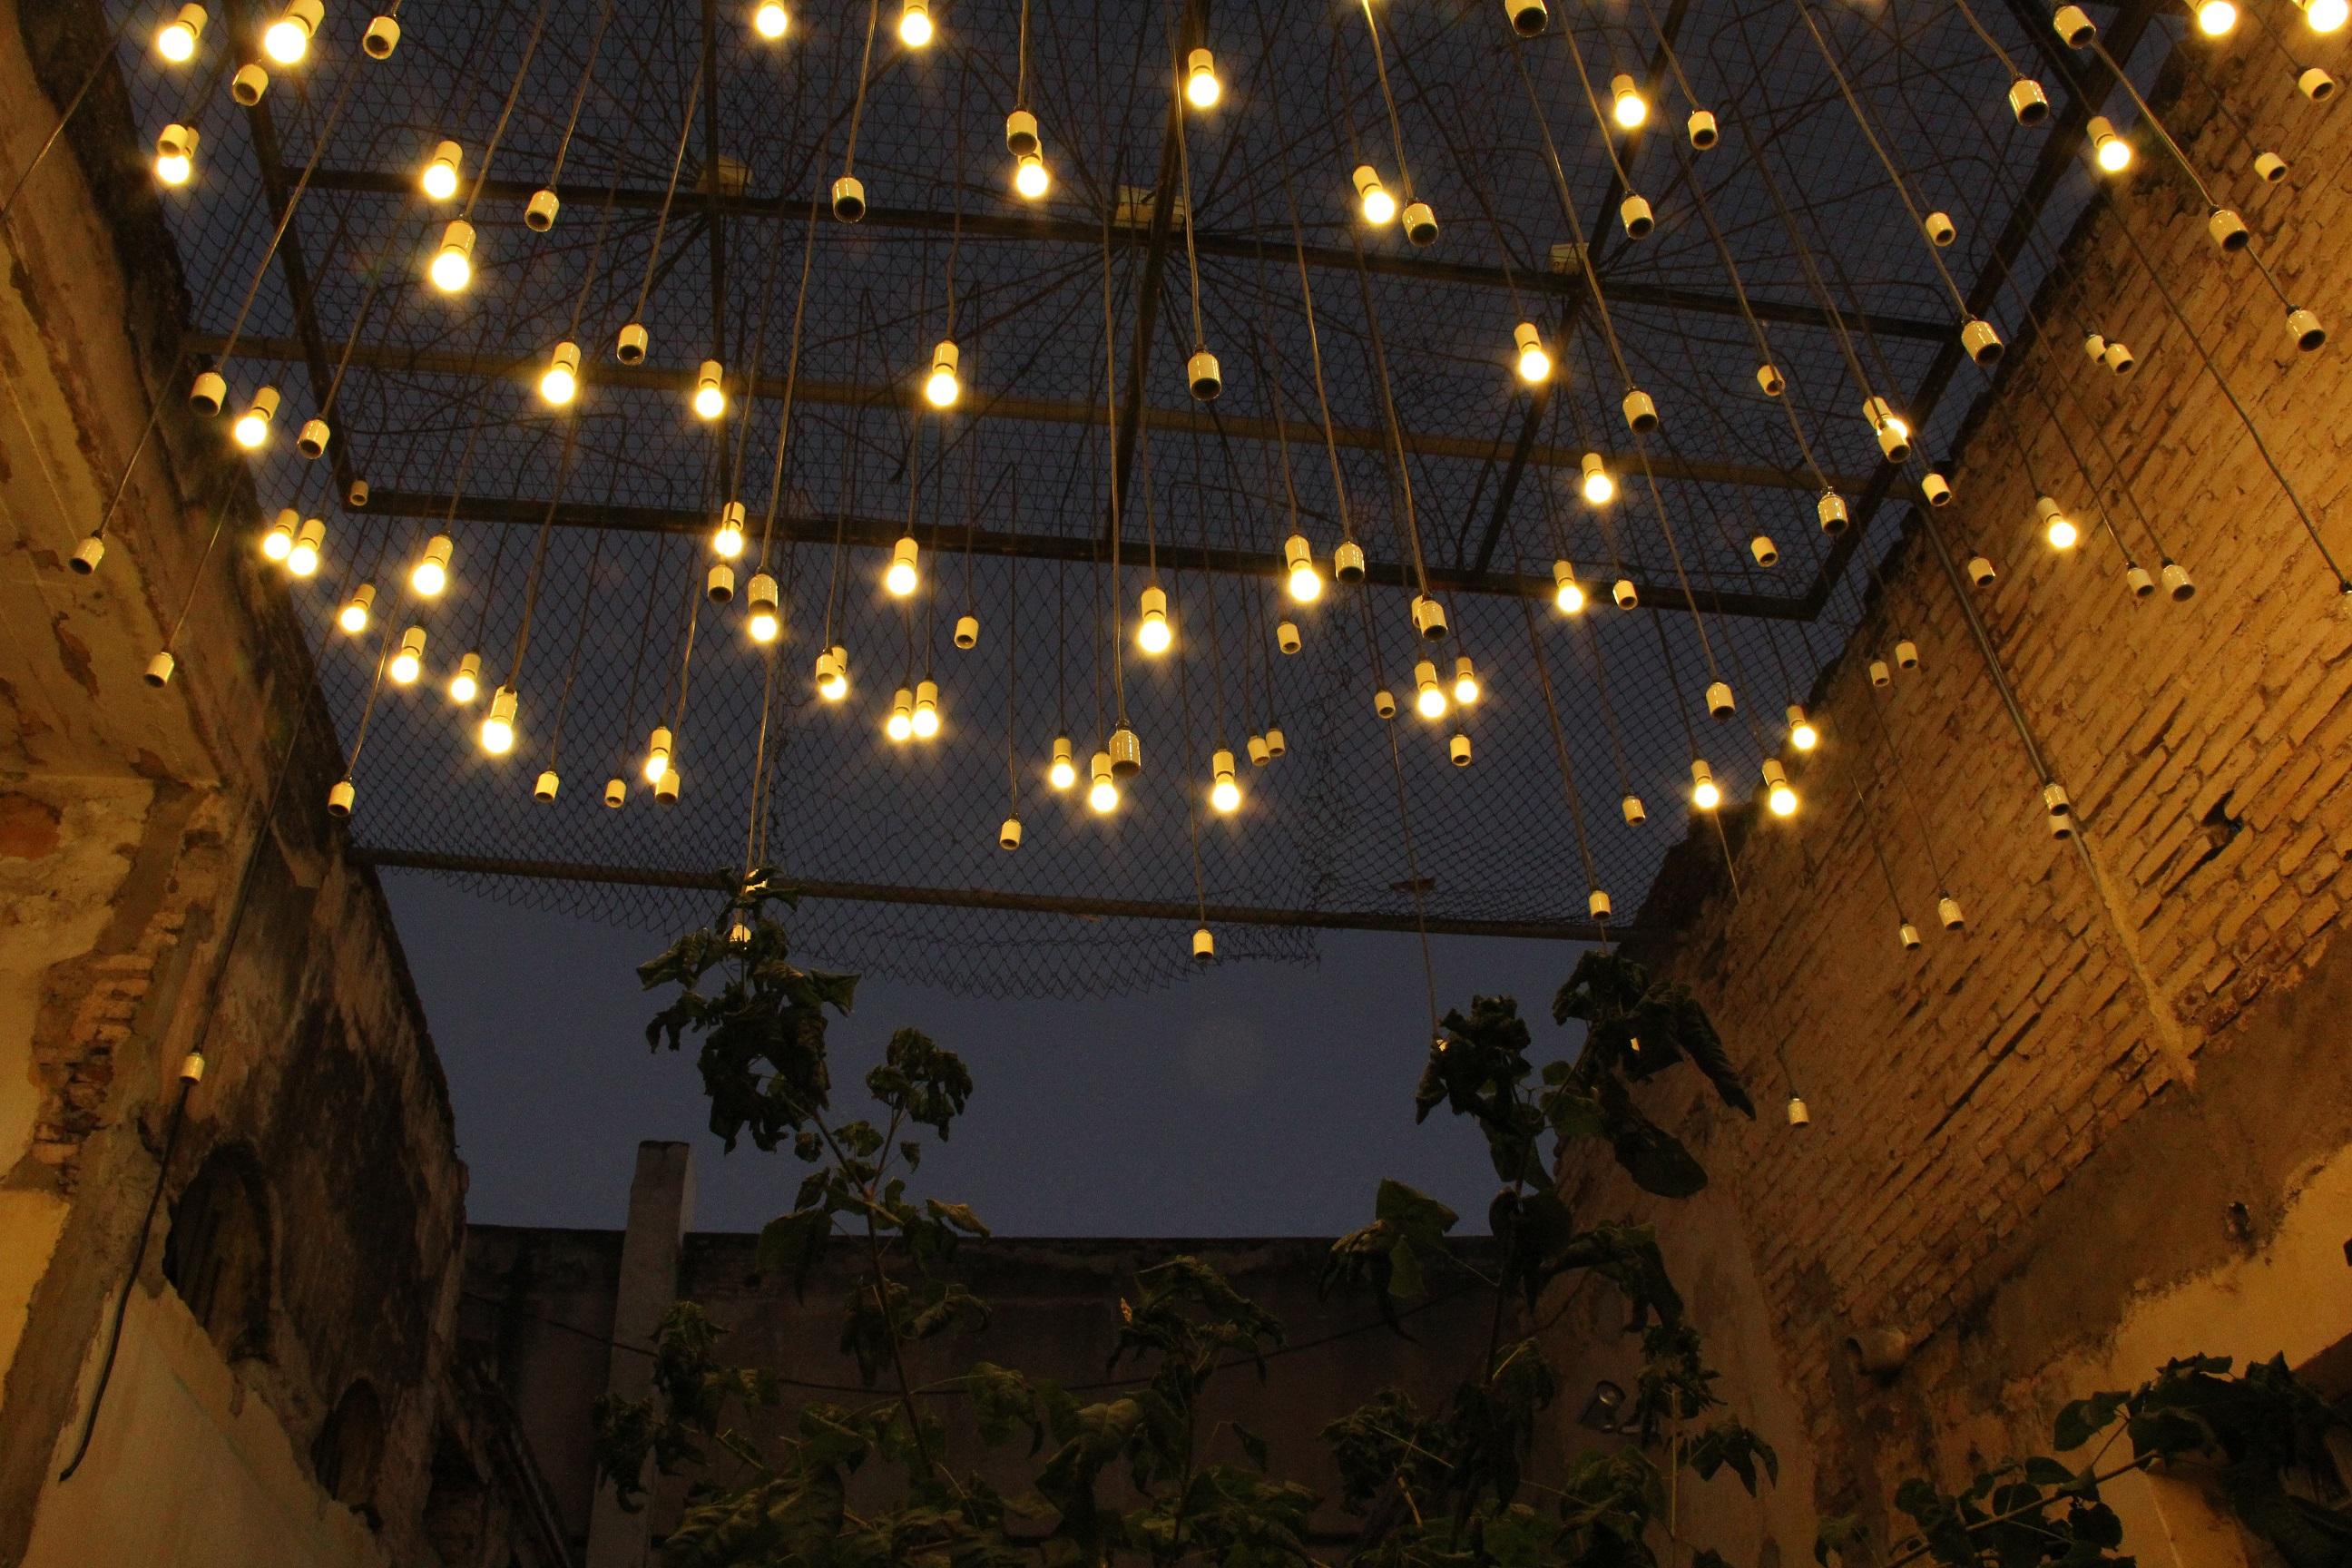 el patio de las luces archivo